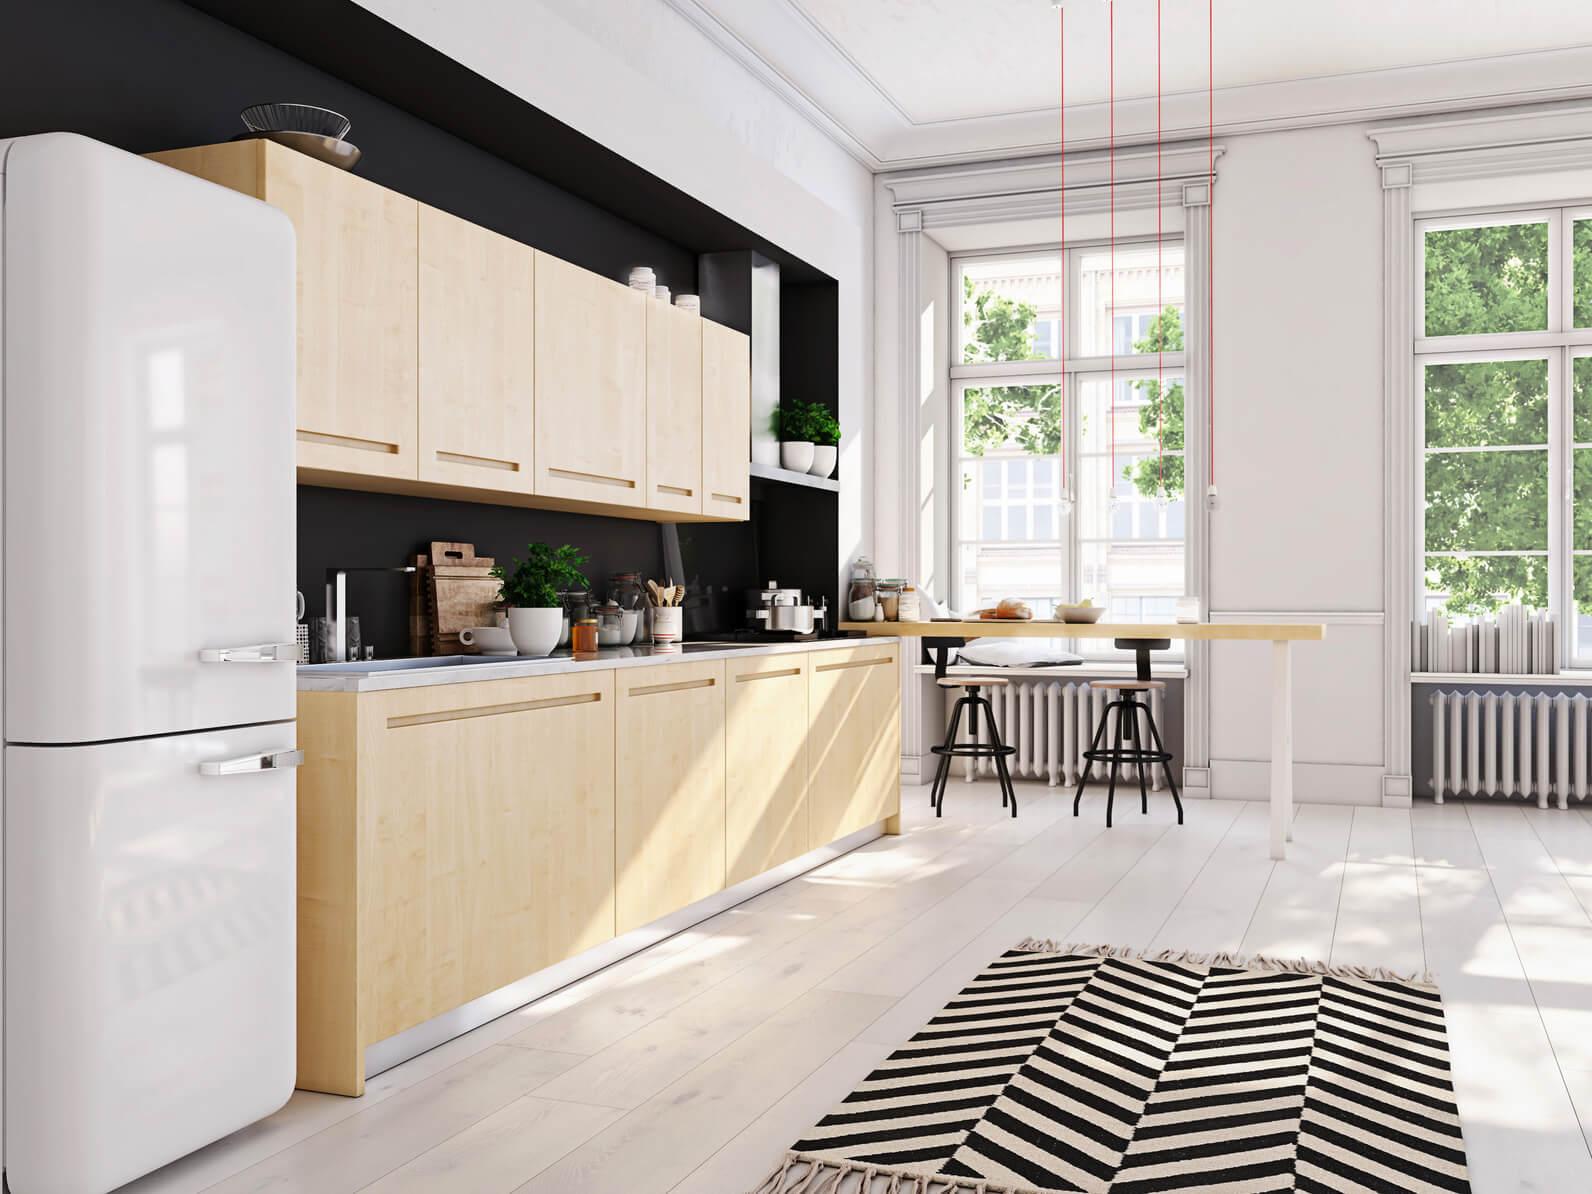 Estilo n rdico escandinavo definici n concepto y qu es for Casas estilo nordico